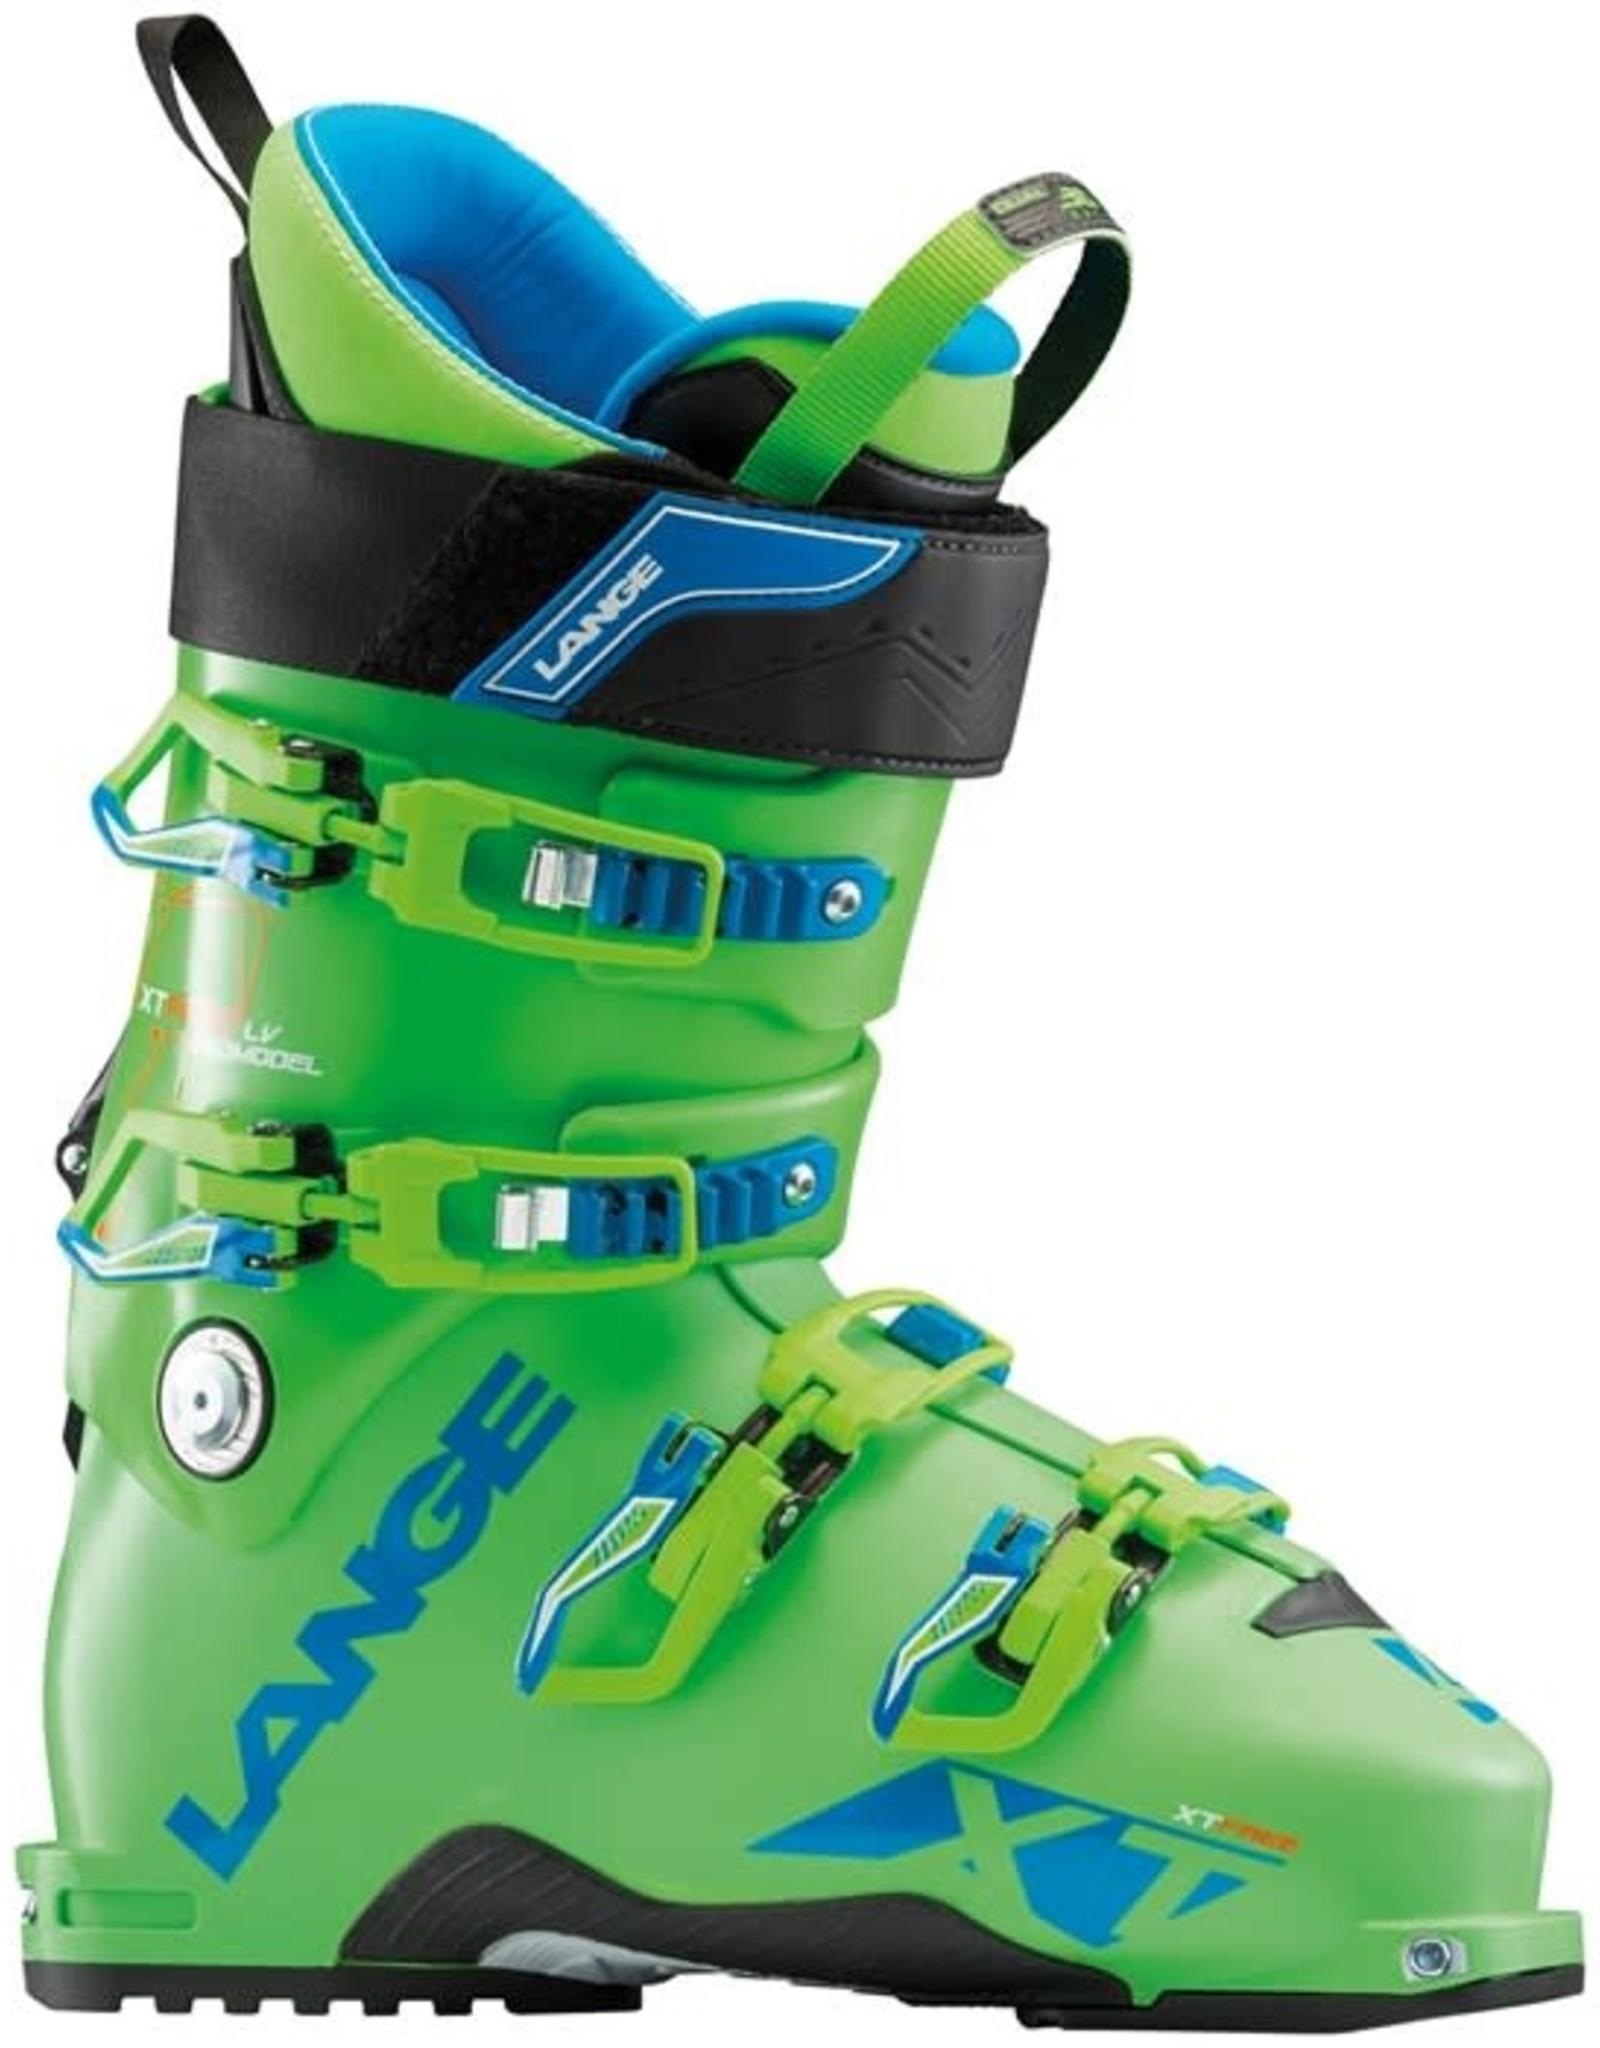 Lange LANGE Ski Boots XT PROMODEL FREE L.V. (19/20)